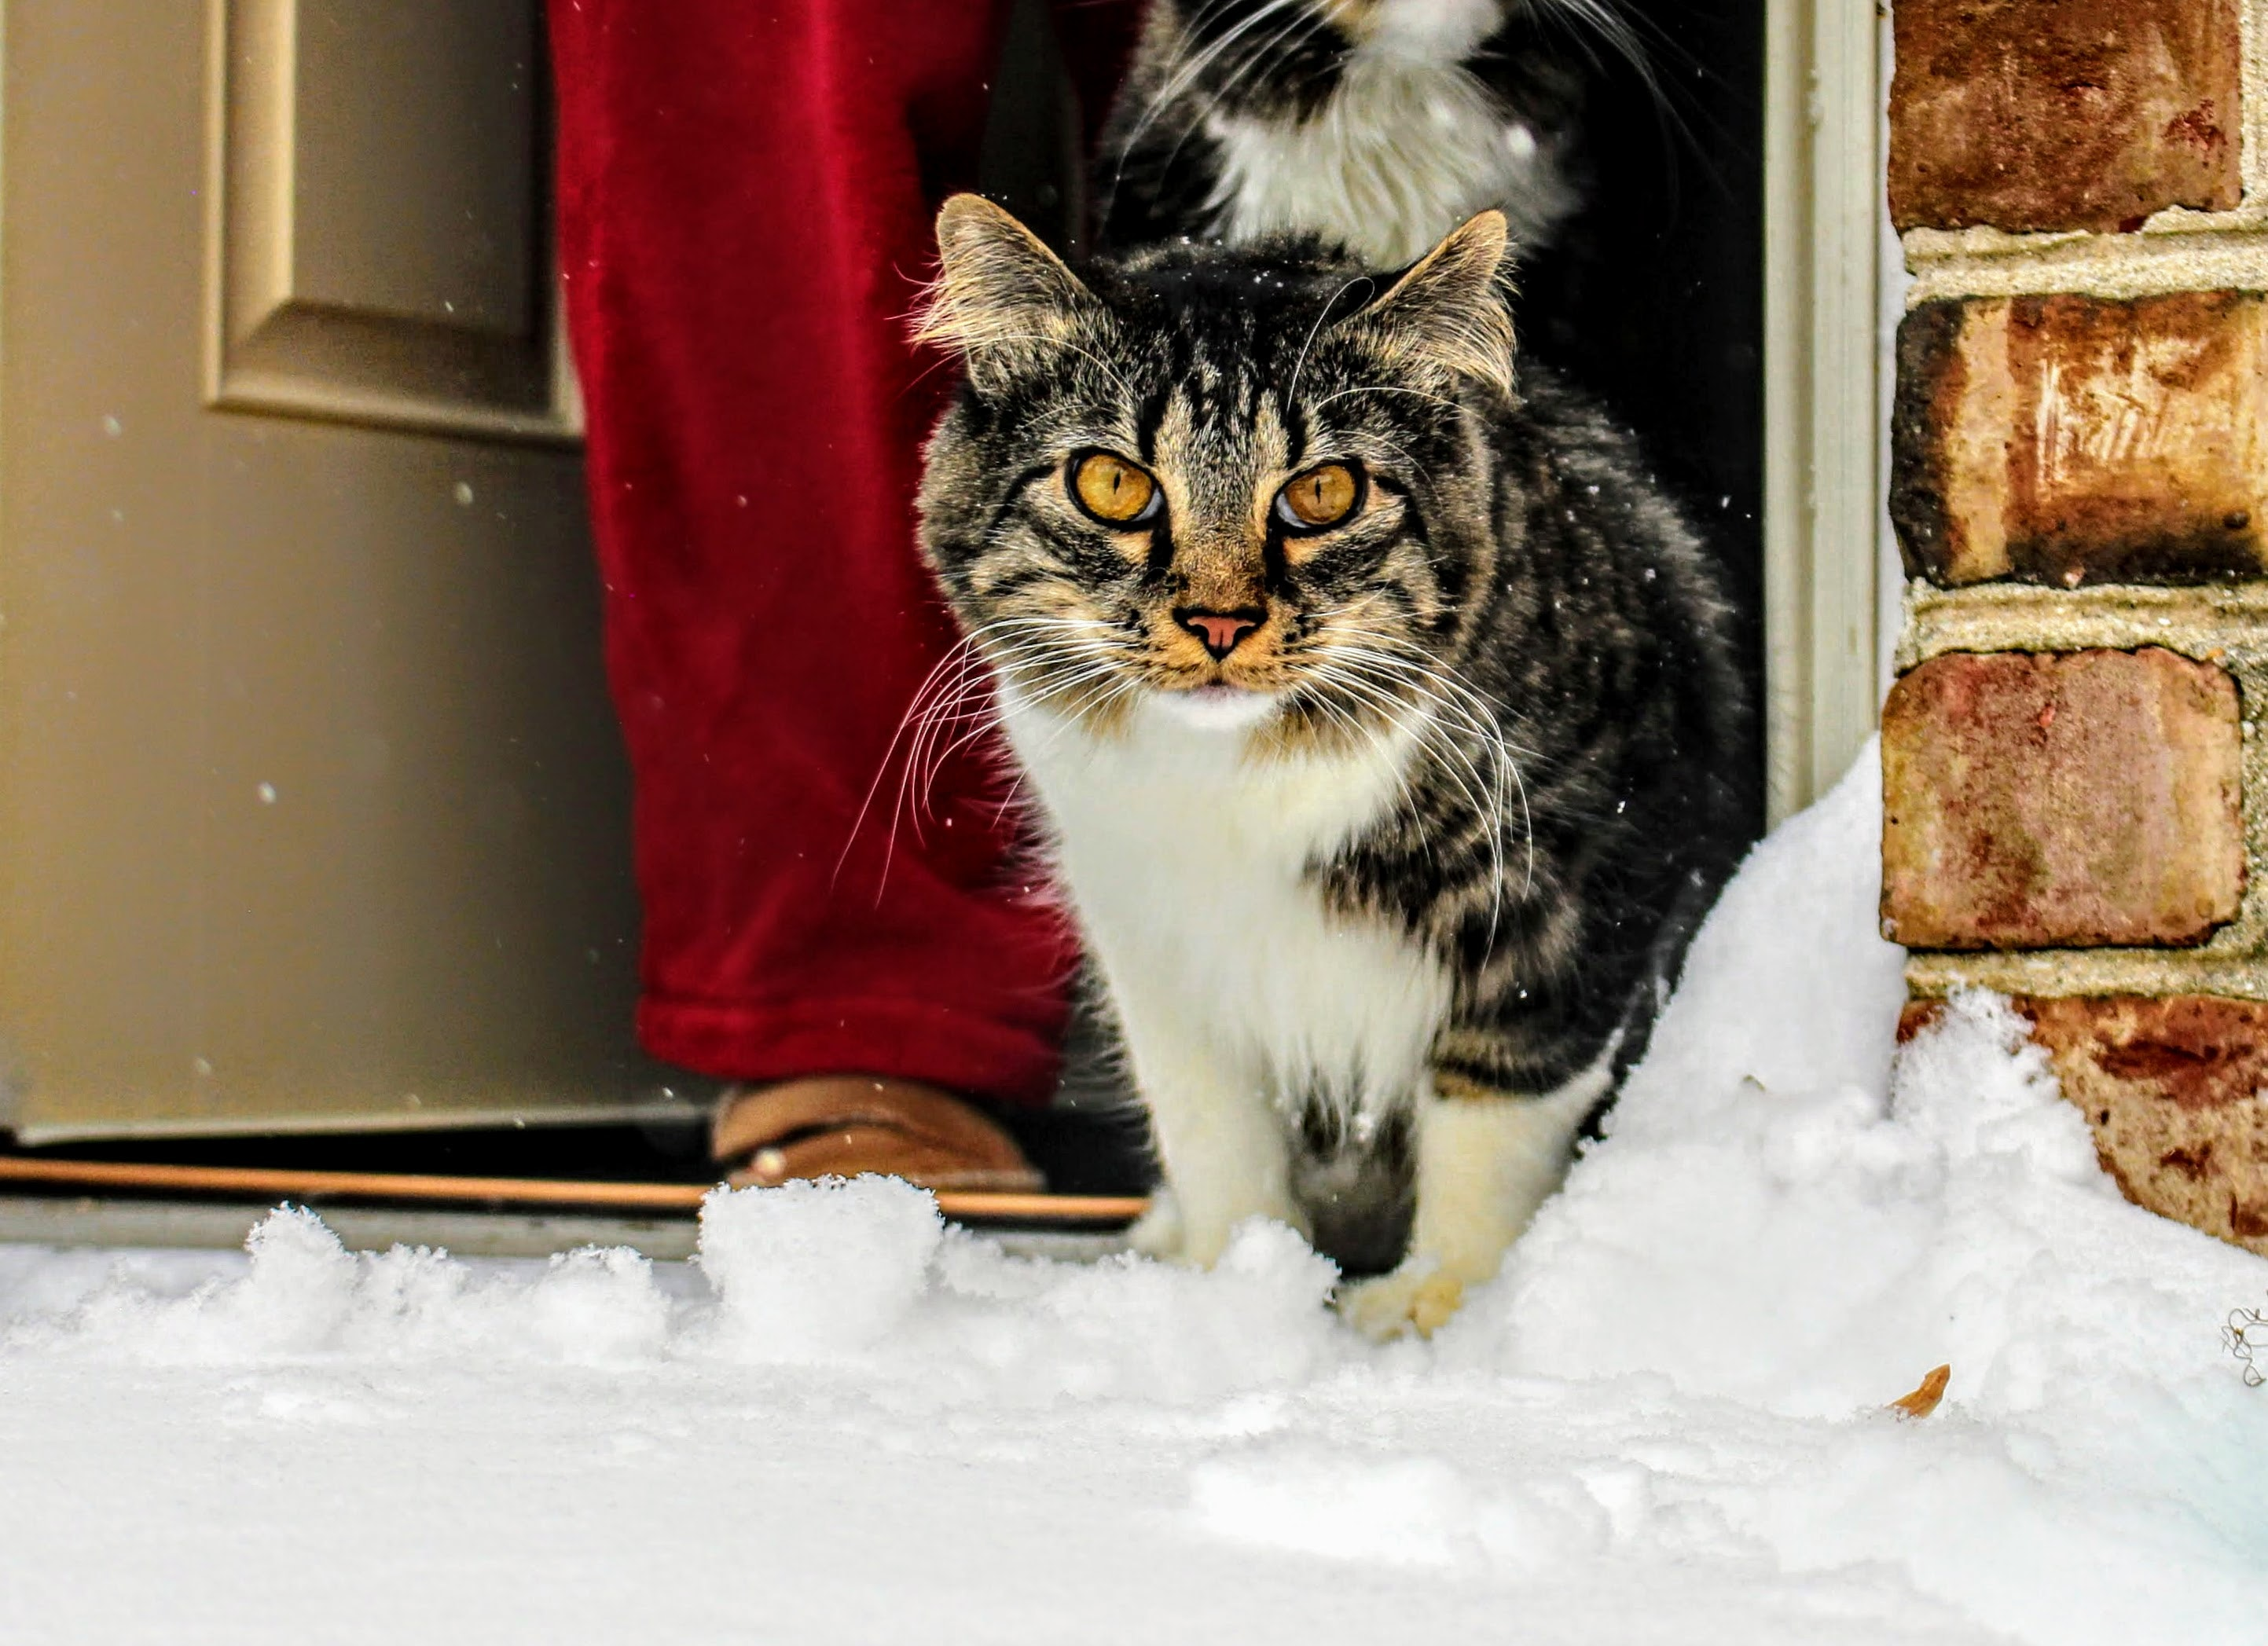 Kucing Maine Coon Coklat, Putih Dan Hitam Di Depan Pintu Kayu Abu ...